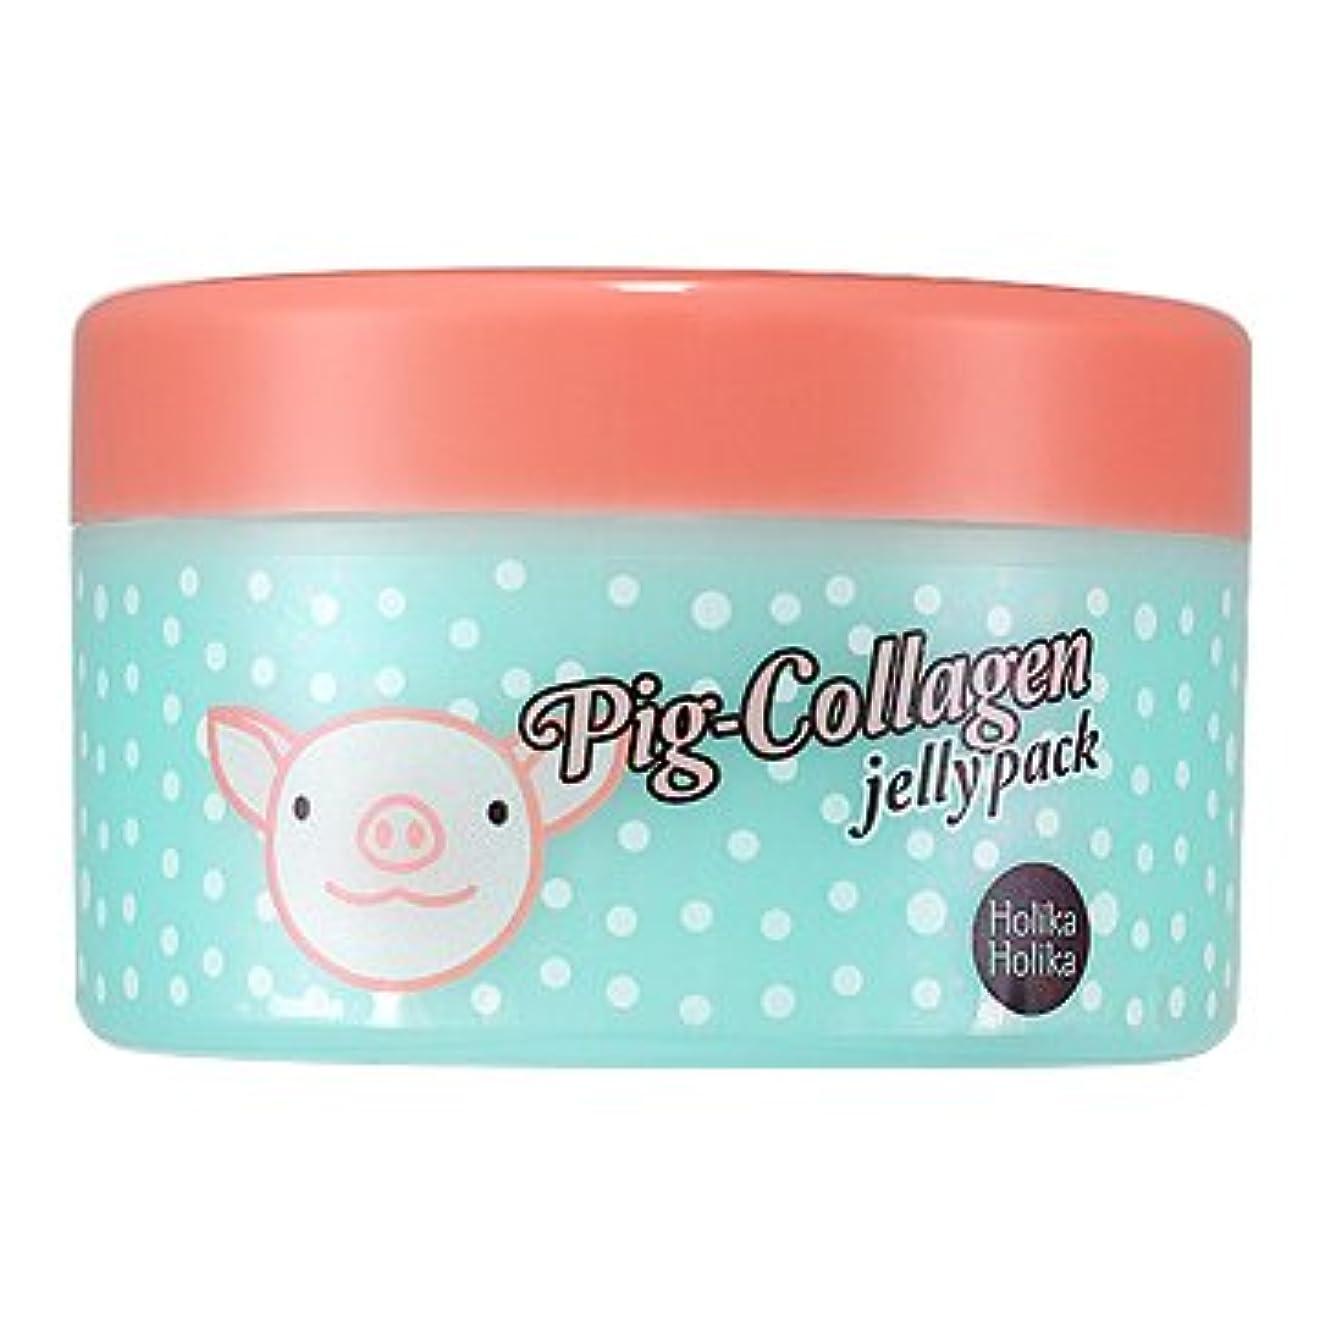 遺体安置所ねばねば主にホリカホリカ ピッグコラーゲンジェリーパック(リンクルケア) / HolikaHolika Pig Collagen Jelly Pack 80g [並行輸入品]